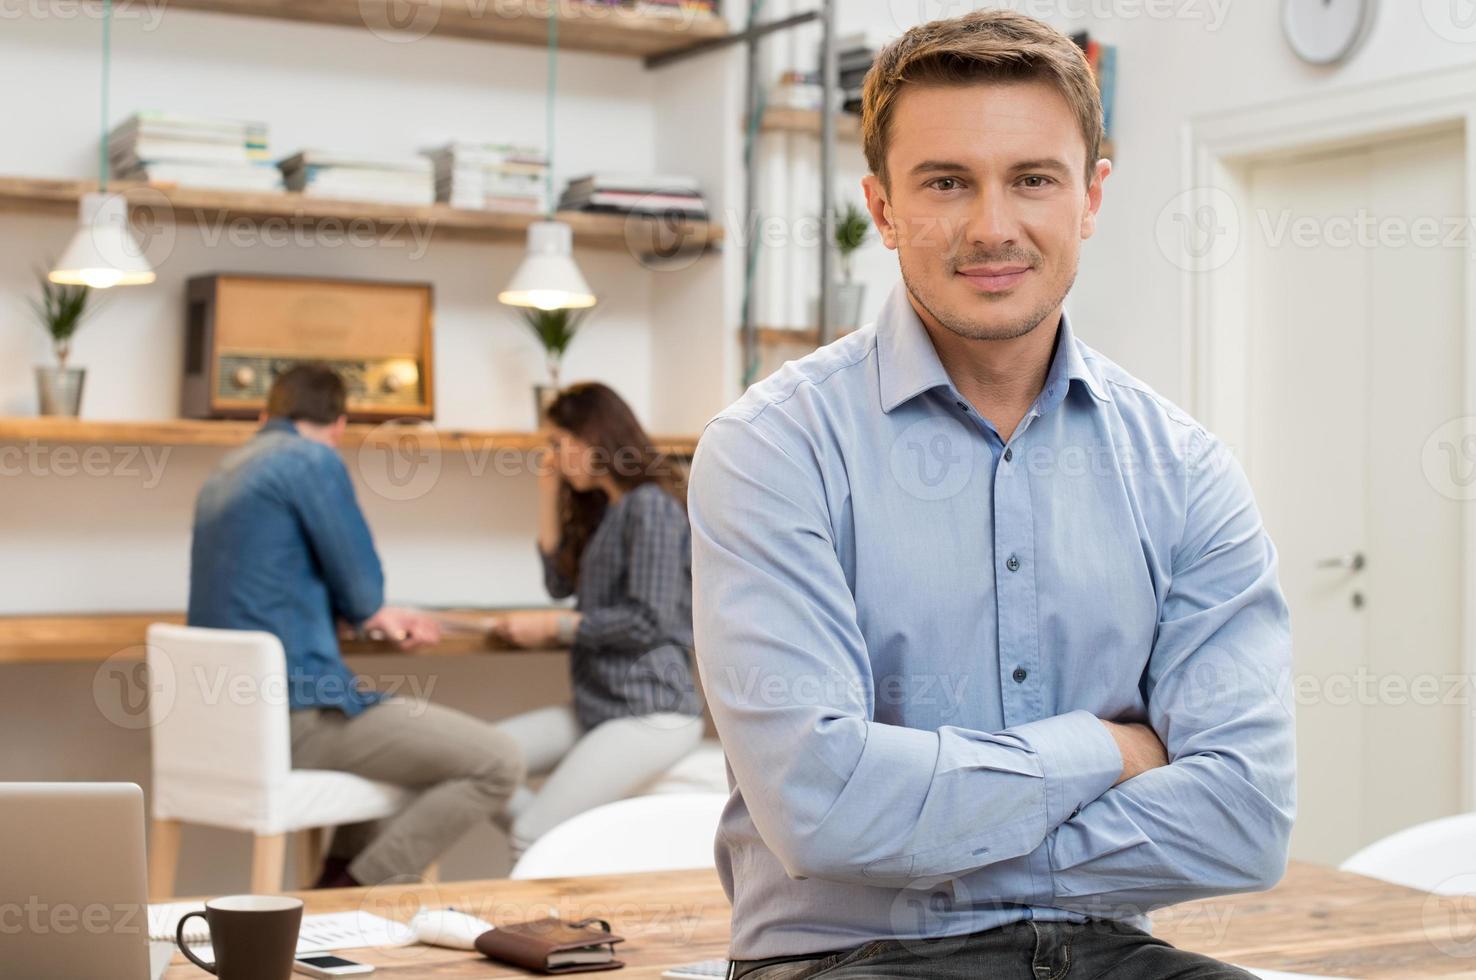 erfolgreicher junger Geschäftsmann foto